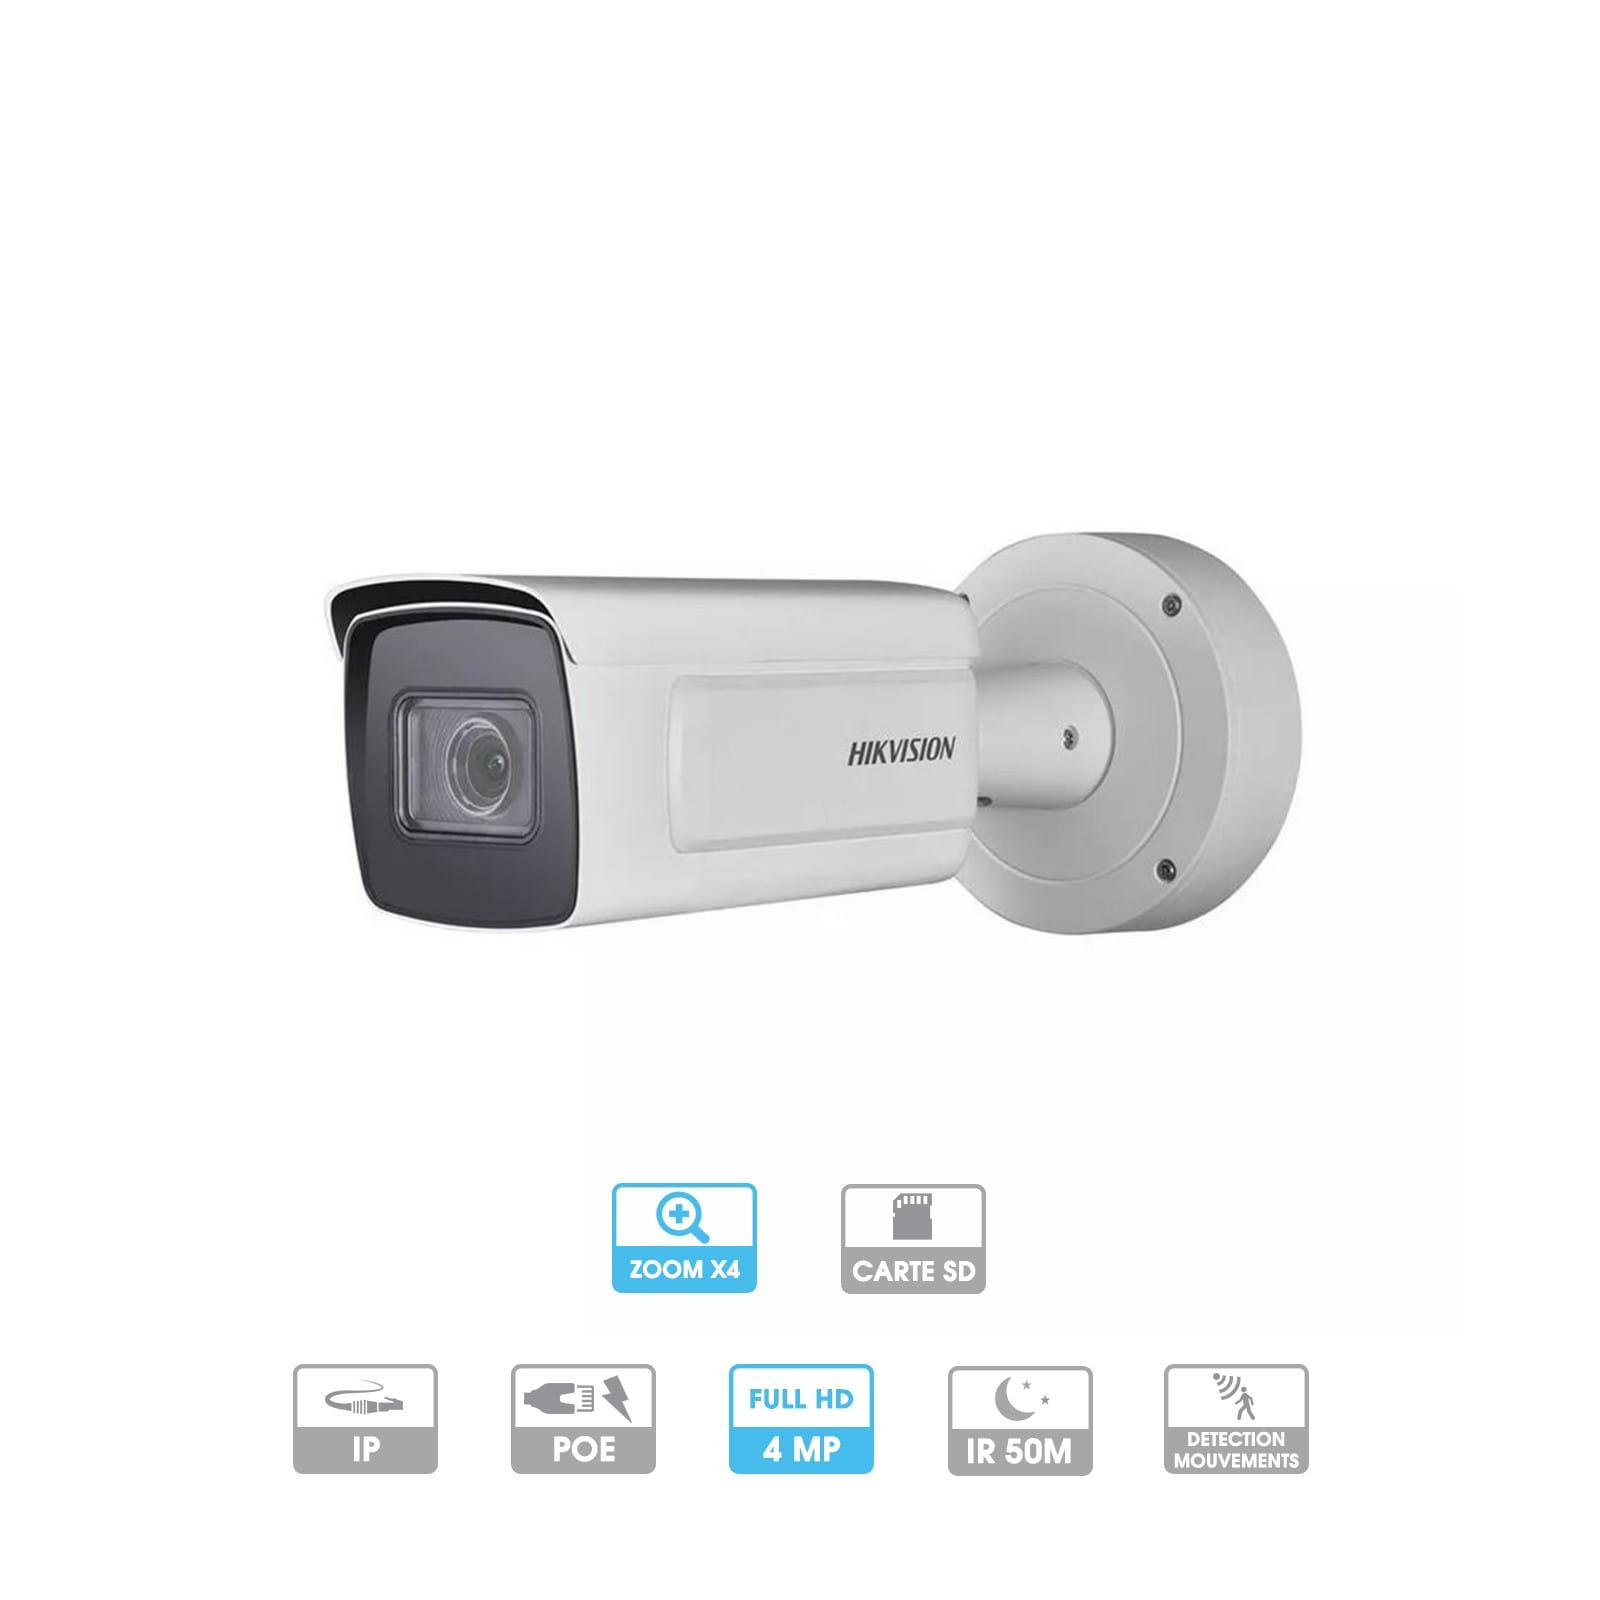 Caméra Hikvision   Tube   4 MP   IP PoE   Zoom x 4   Reconnaissance faciale